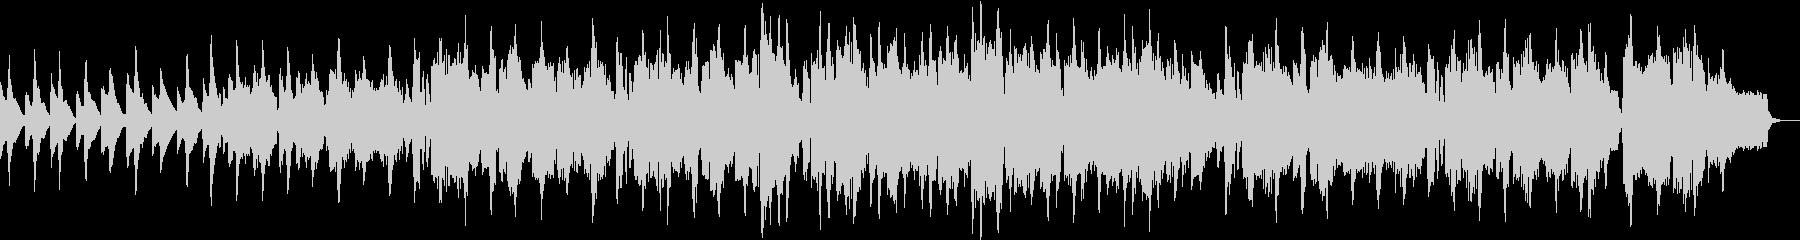 リコーダーが特徴的な中世風楽曲の未再生の波形